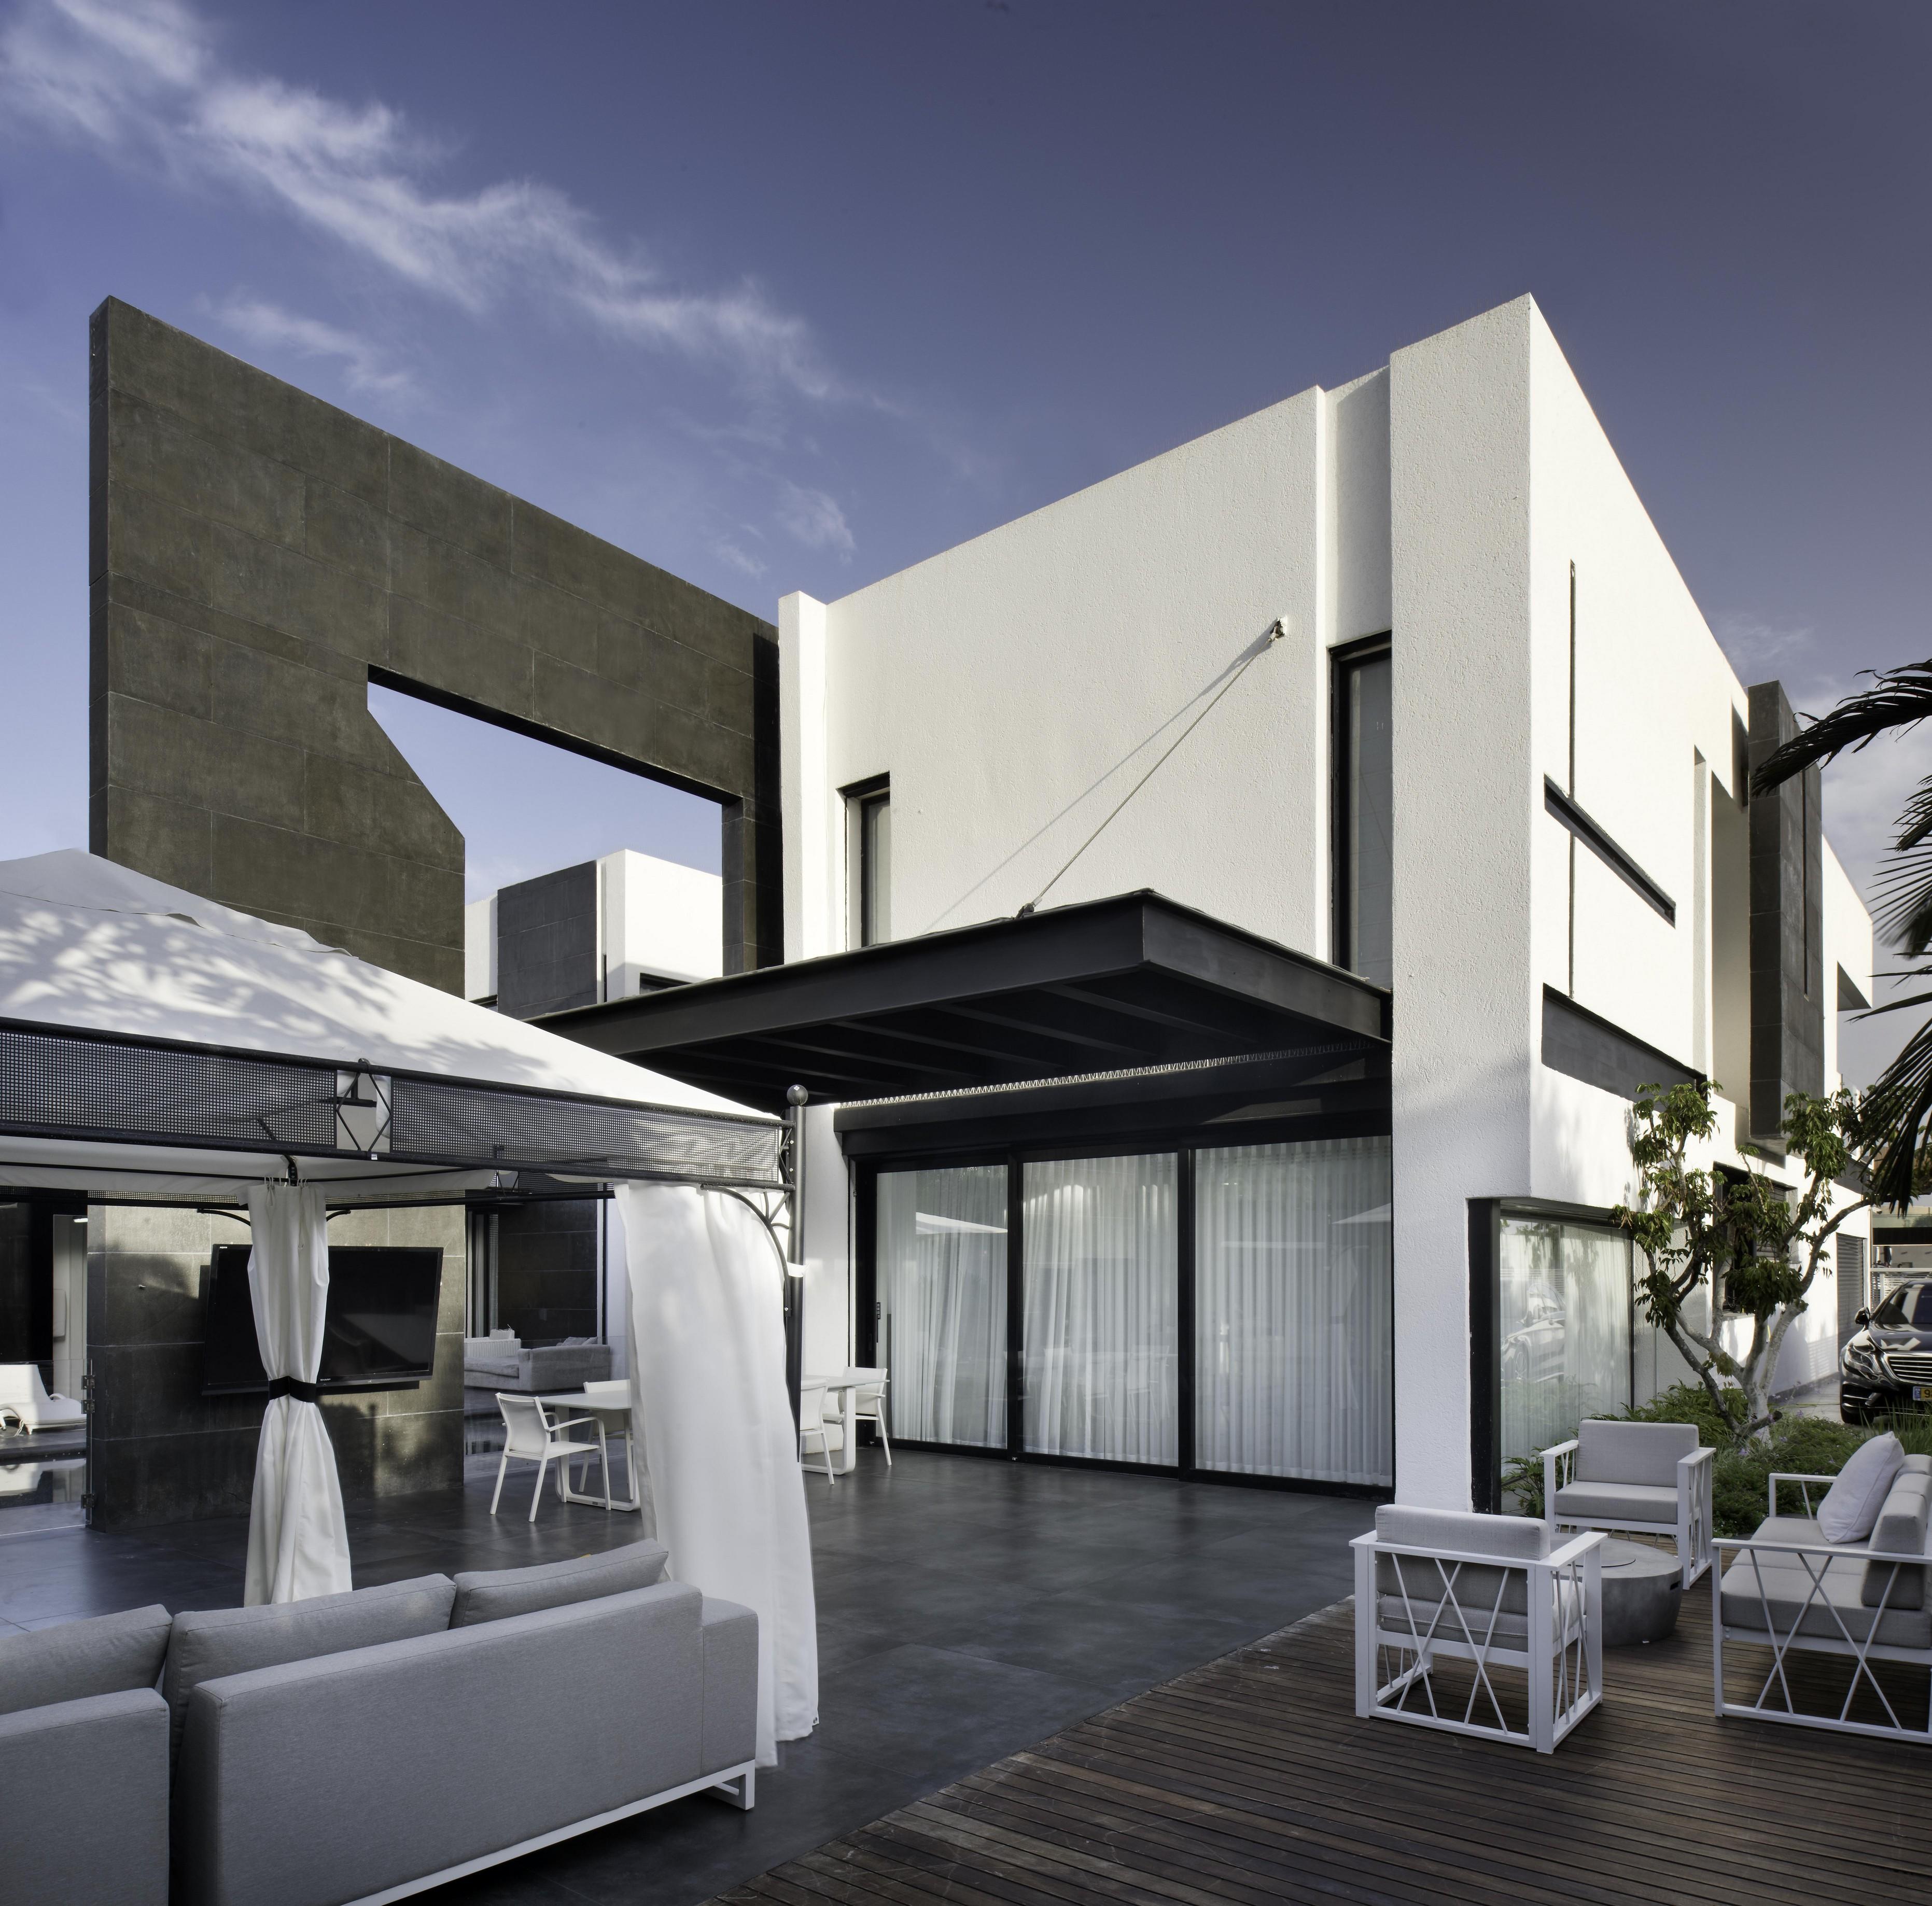 תכנון בית OBE, קיסריה